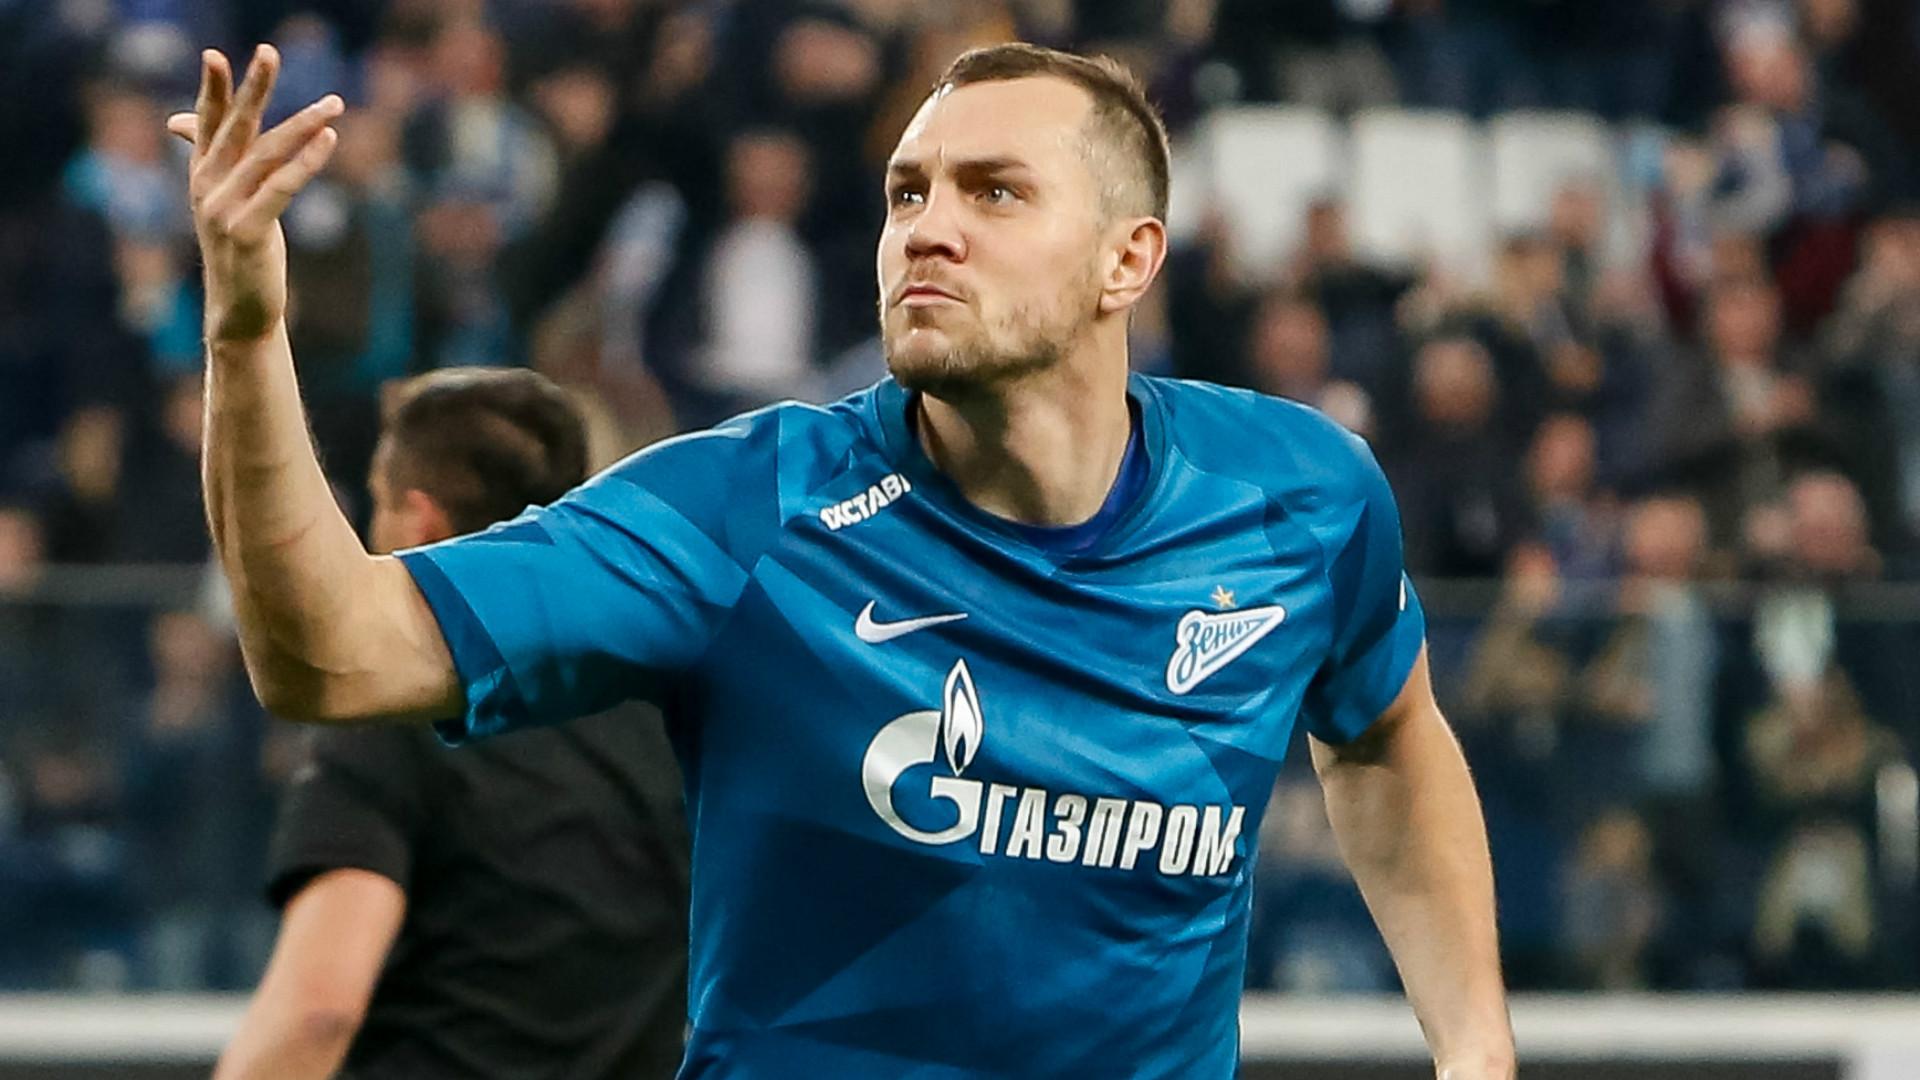 Ce joueur du Zenit qui s'offre au Real Madrid